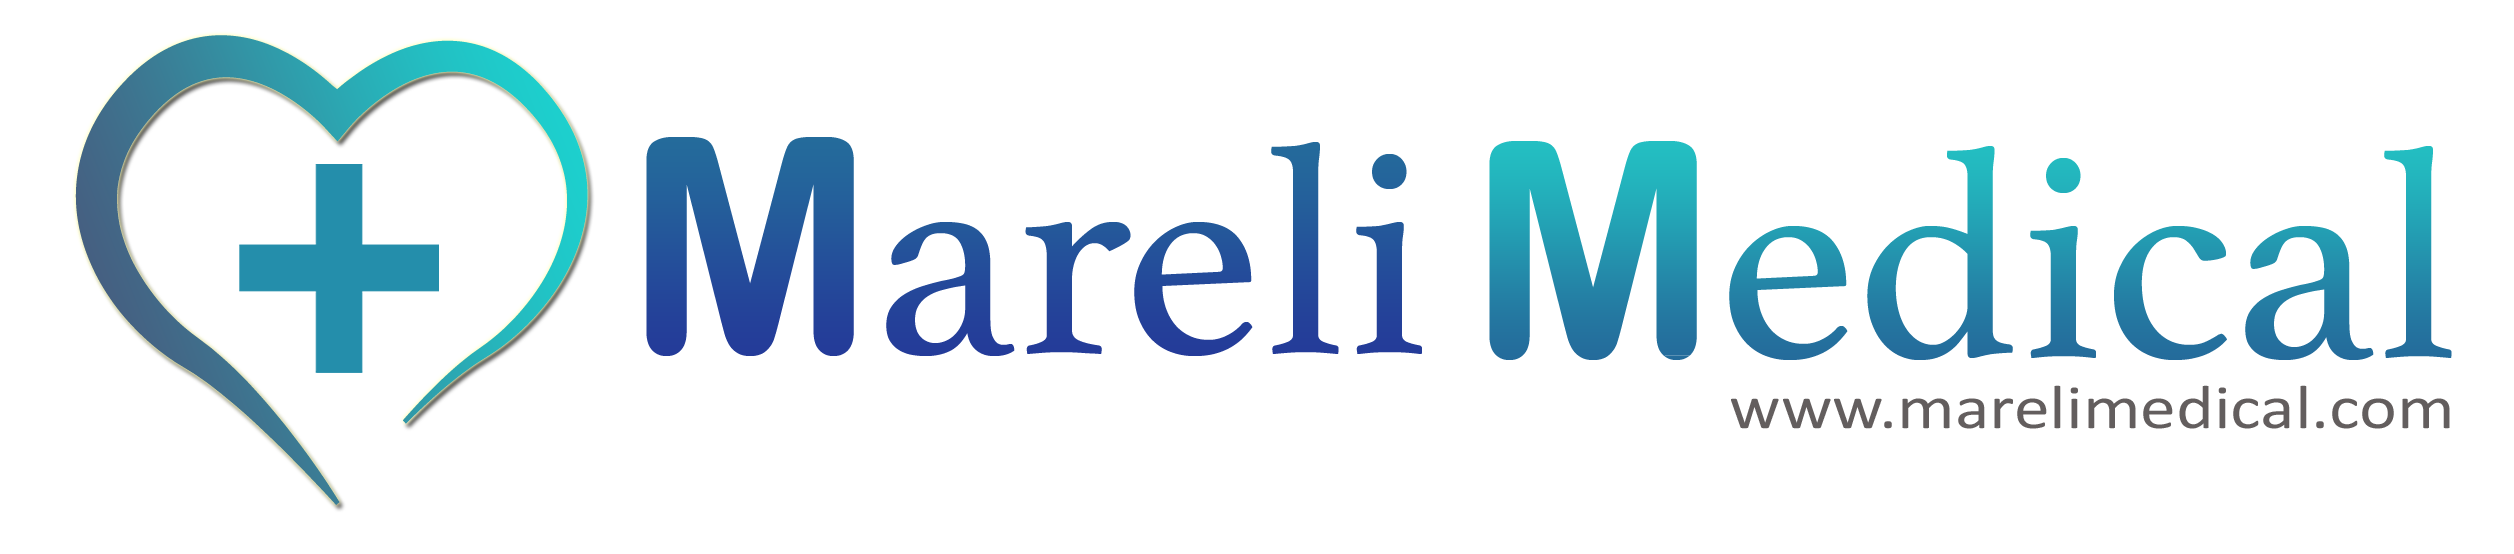 Mareli Medical